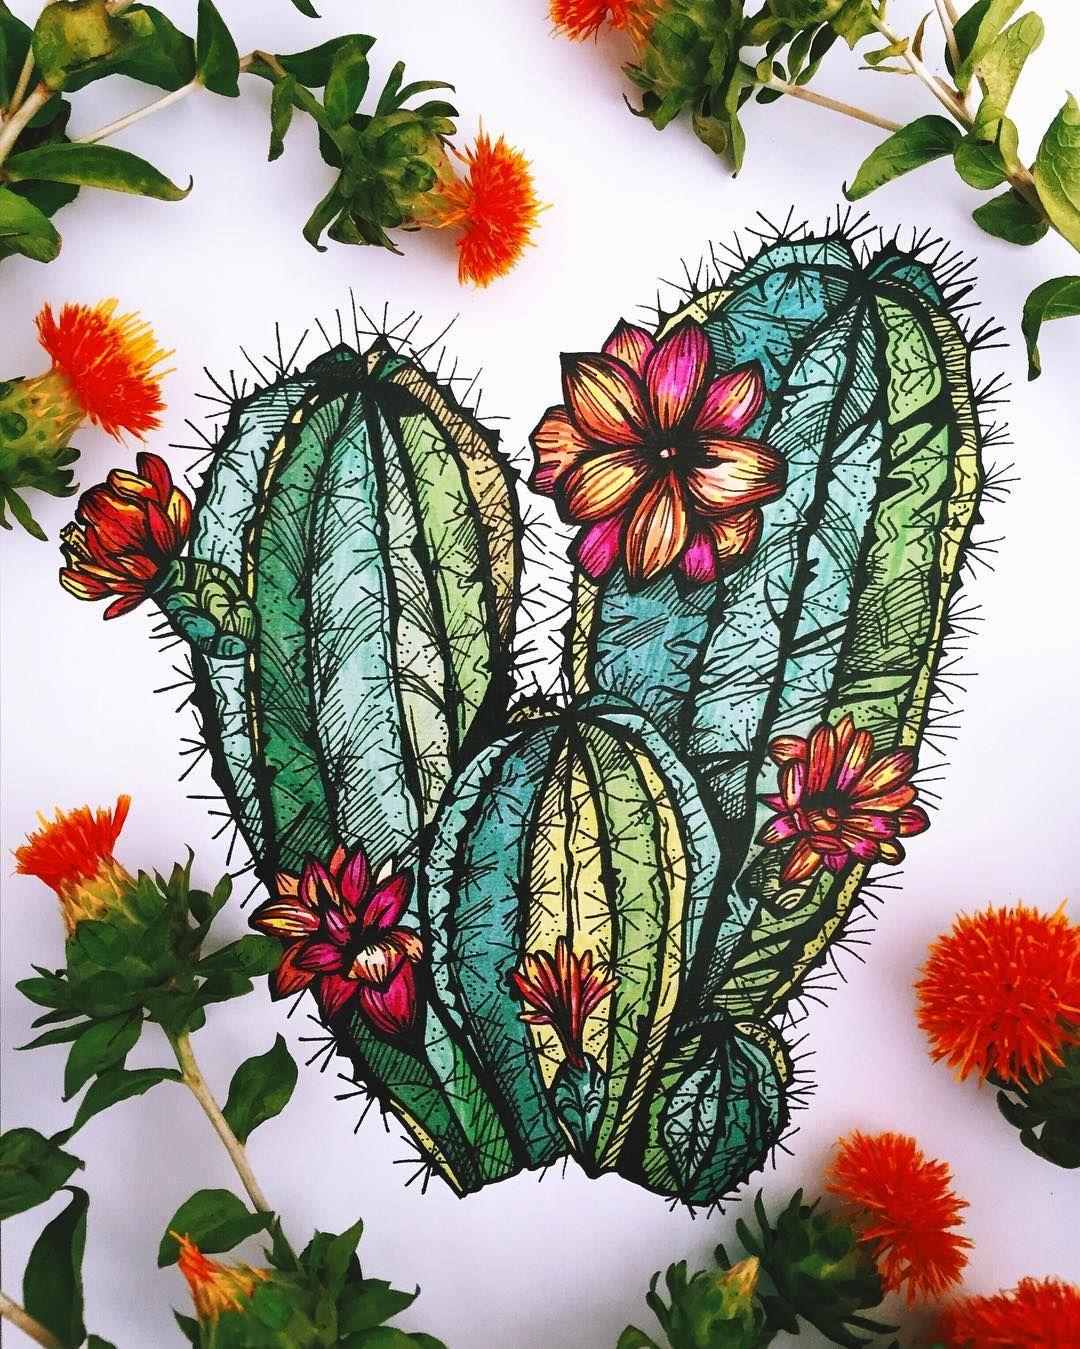 taylorelizabeth | Cactus | Pinterest | Cactus, Fondos de pantalla y ...